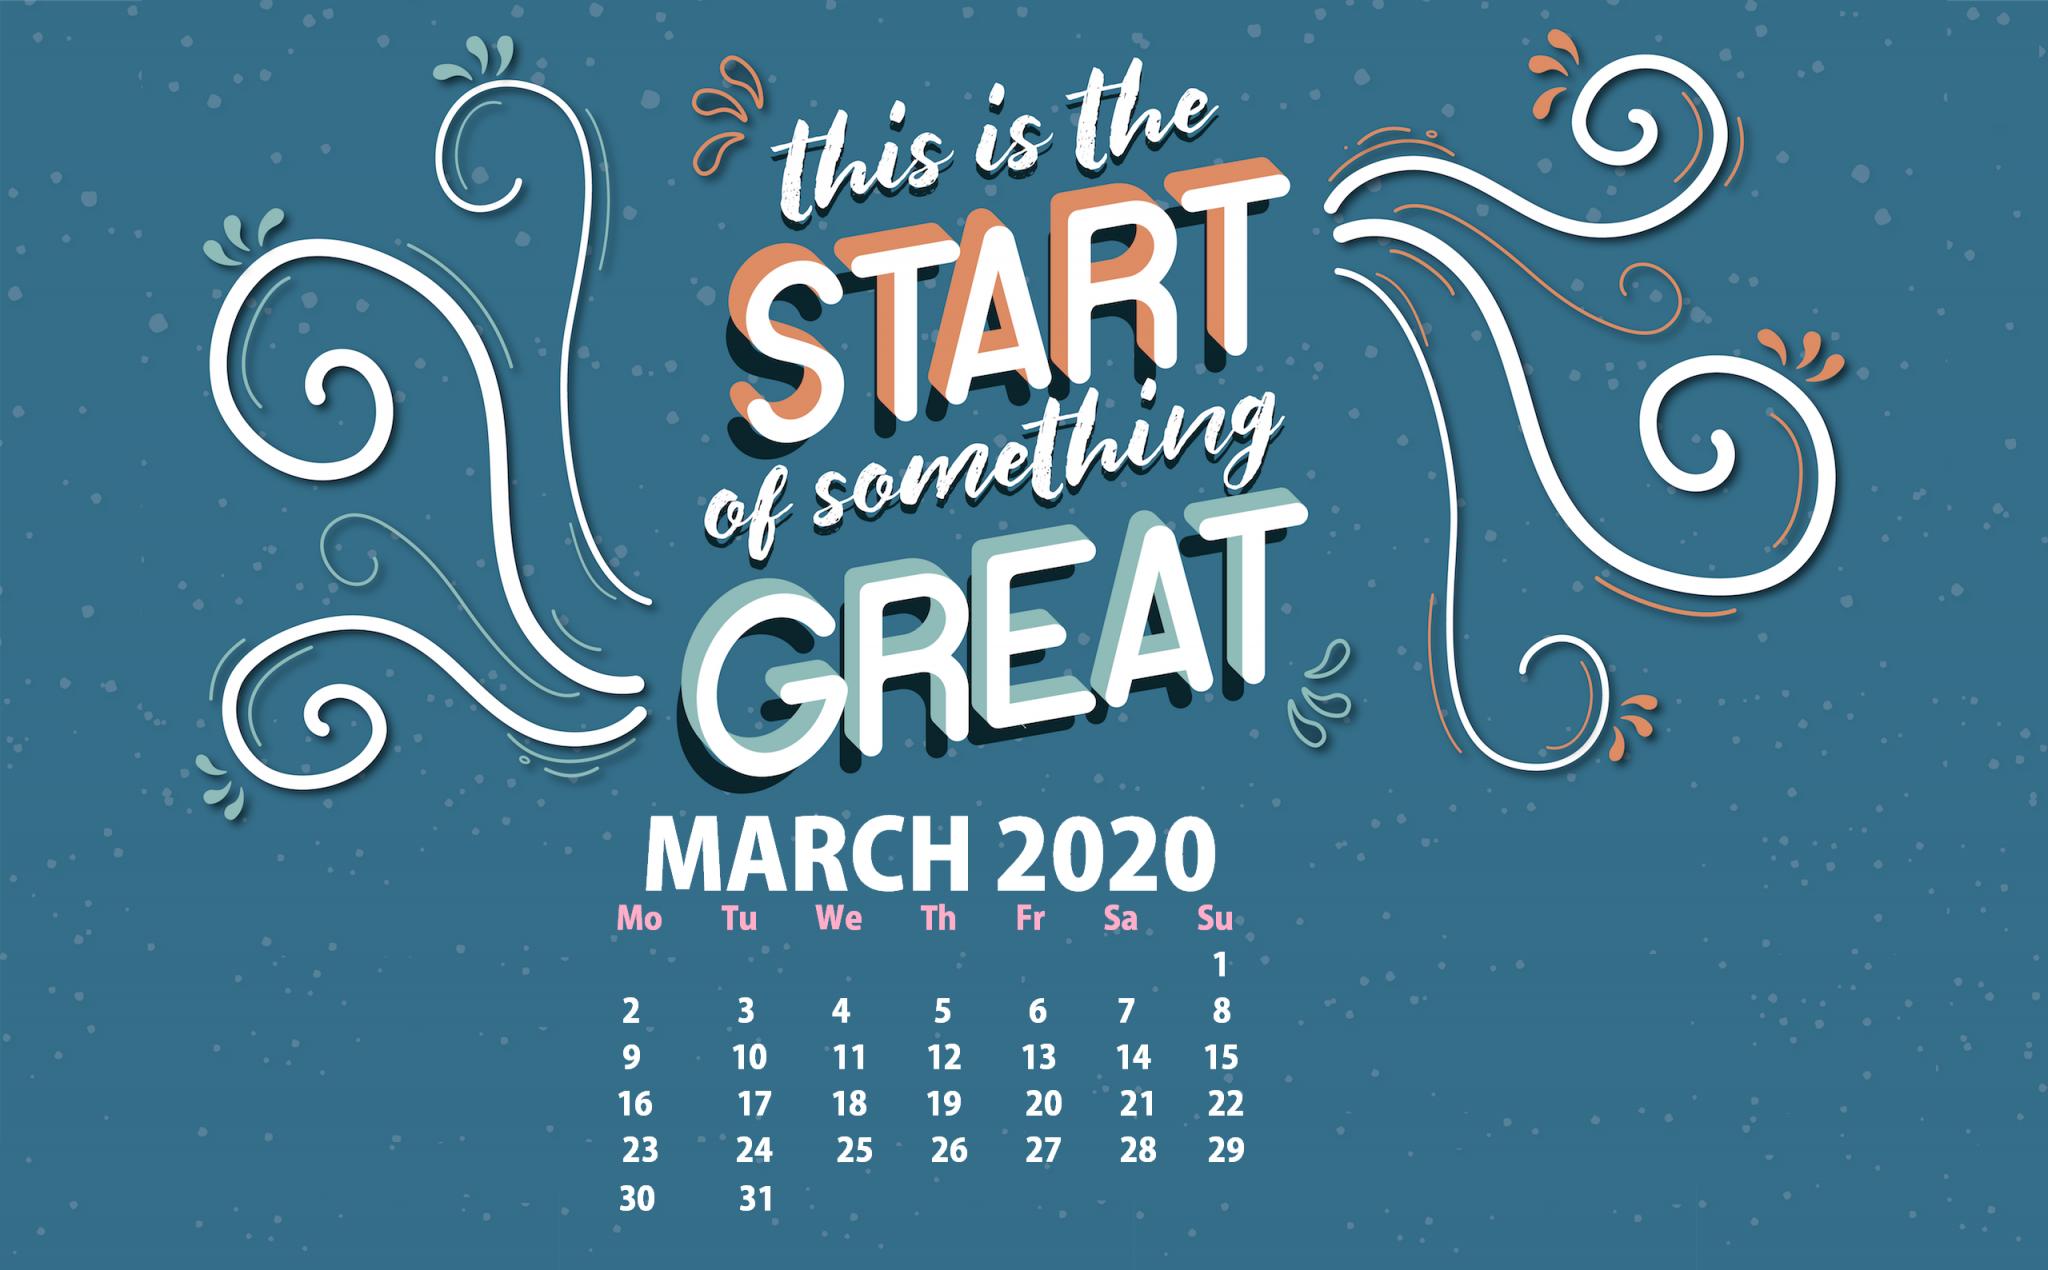 March 2020 Desktop Wallpaper Calendar 2019 2048x1270